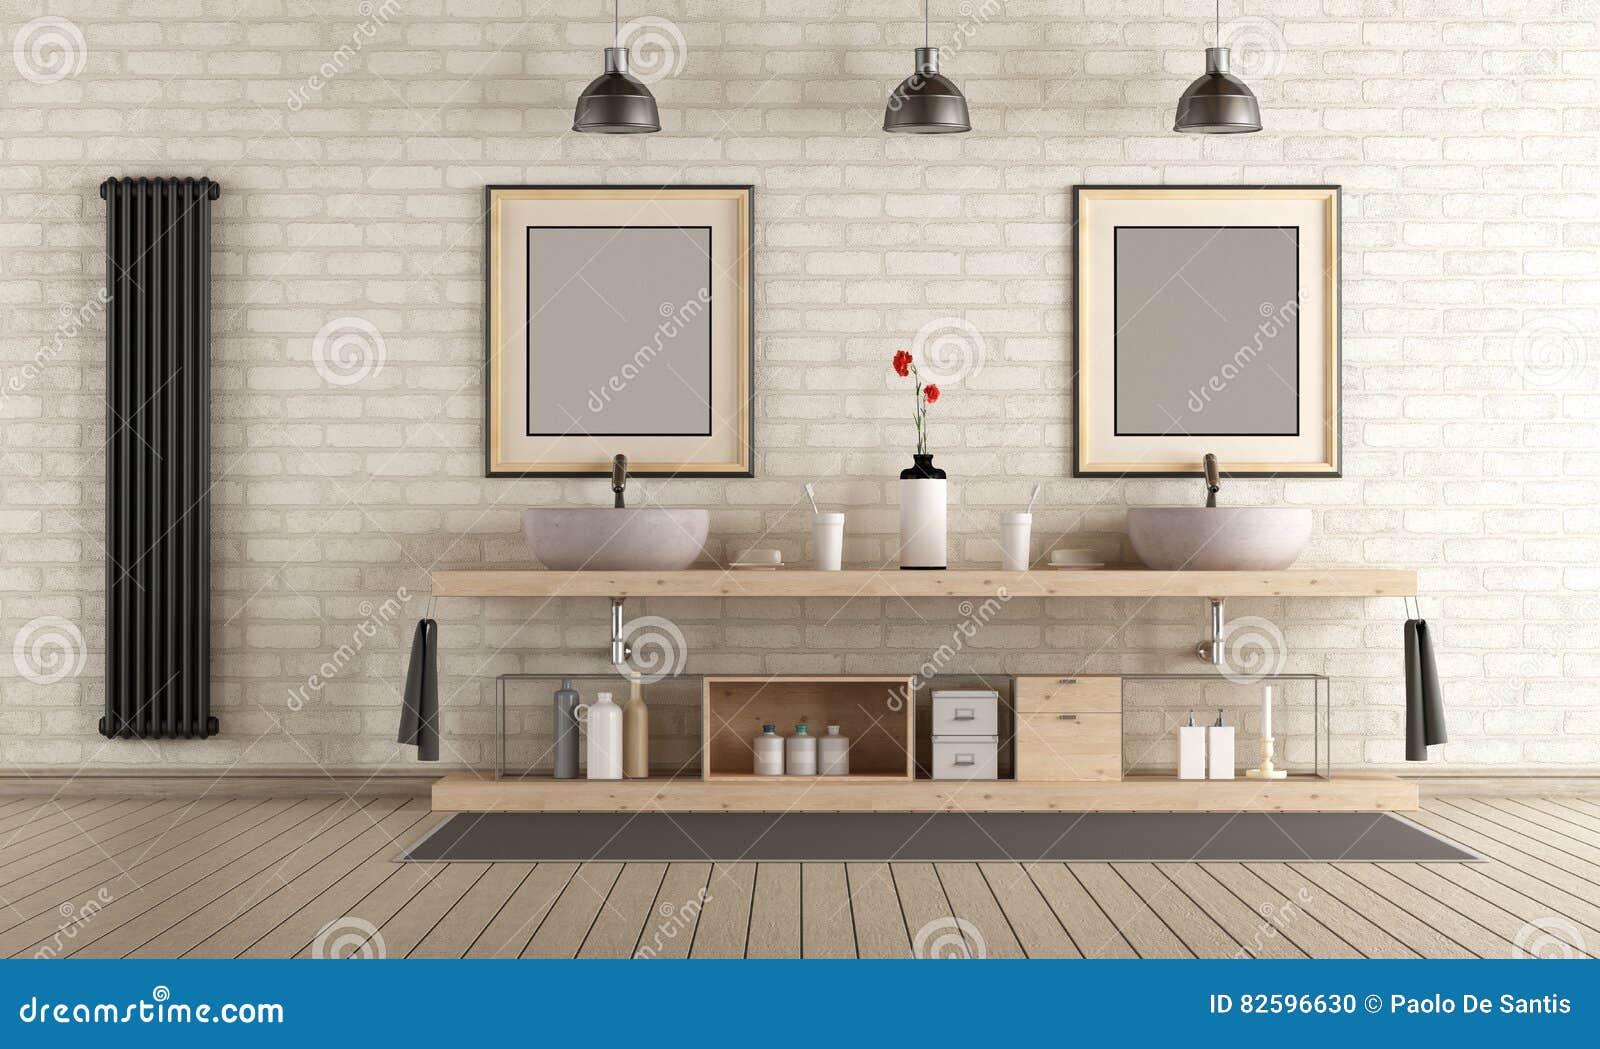 Modernes Badezimmer Mit Holzmöbel Stock Abbildung - Illustration von ...